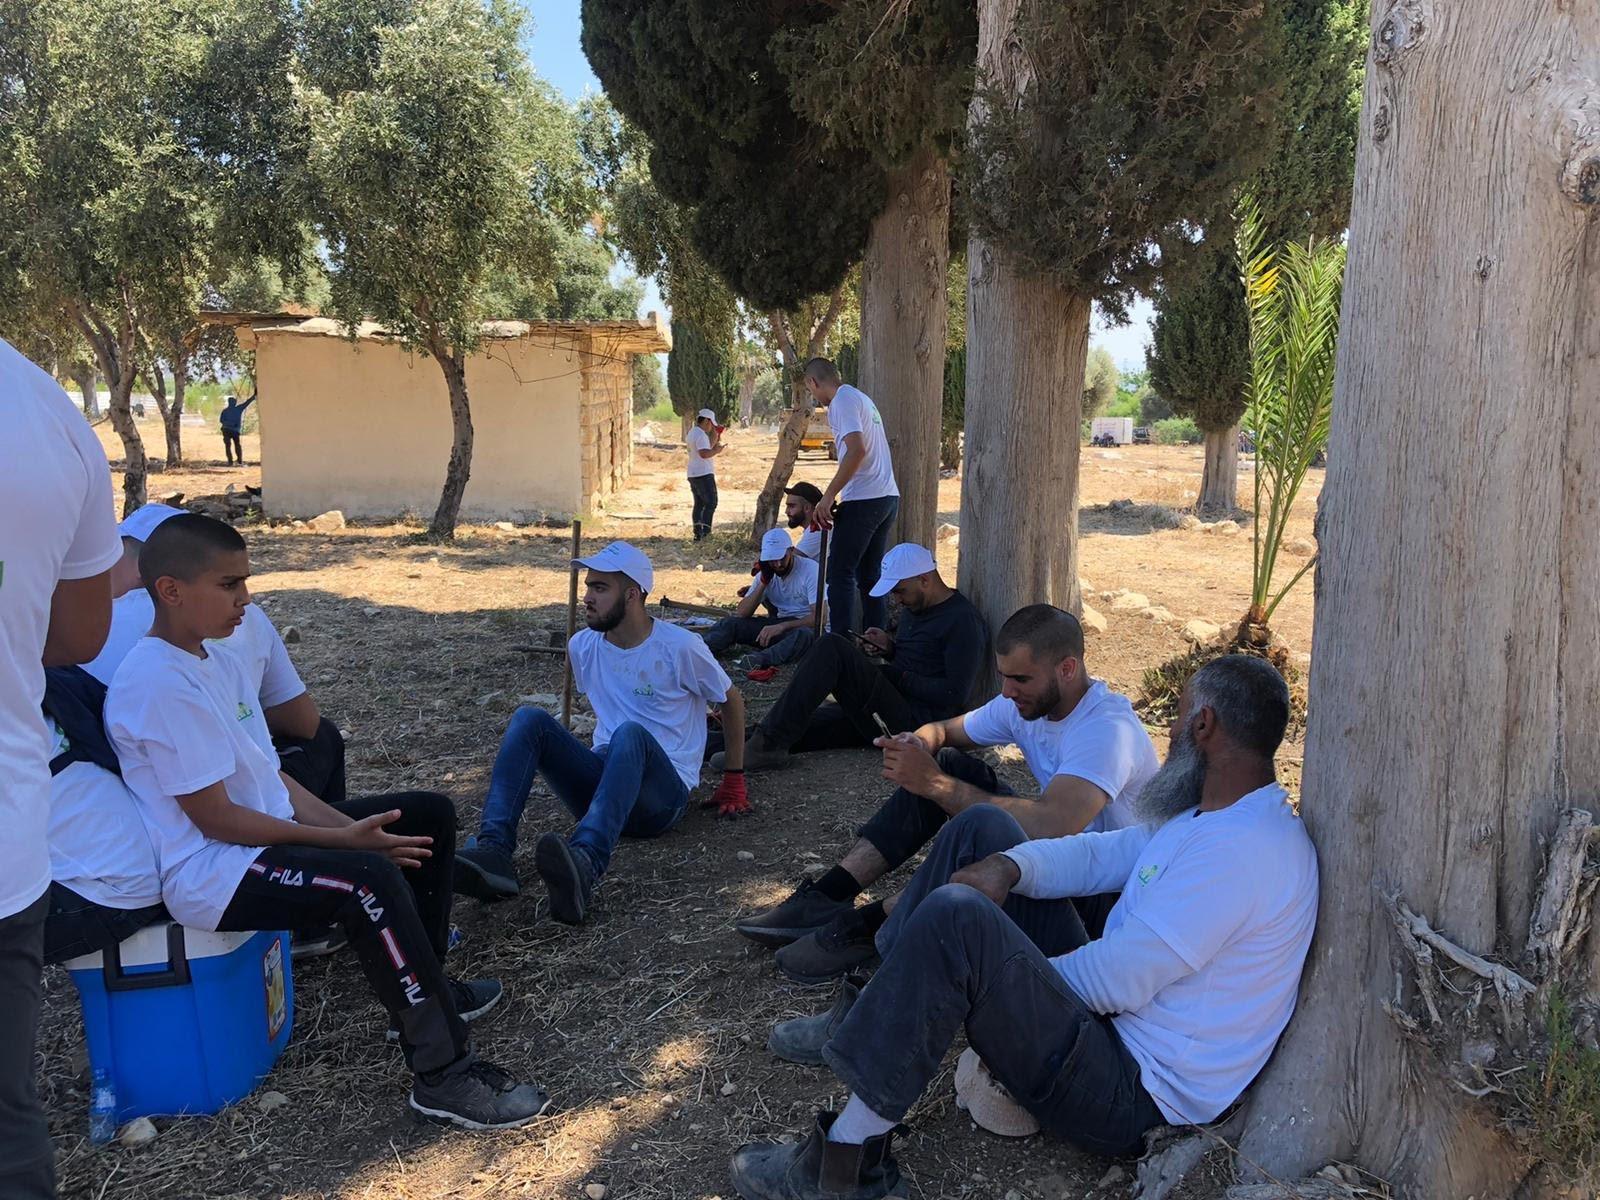 العشرات من أهالي مدينة حيفا وام الفحم يشاركون بترميم مقبرة القسام في حيفا-5